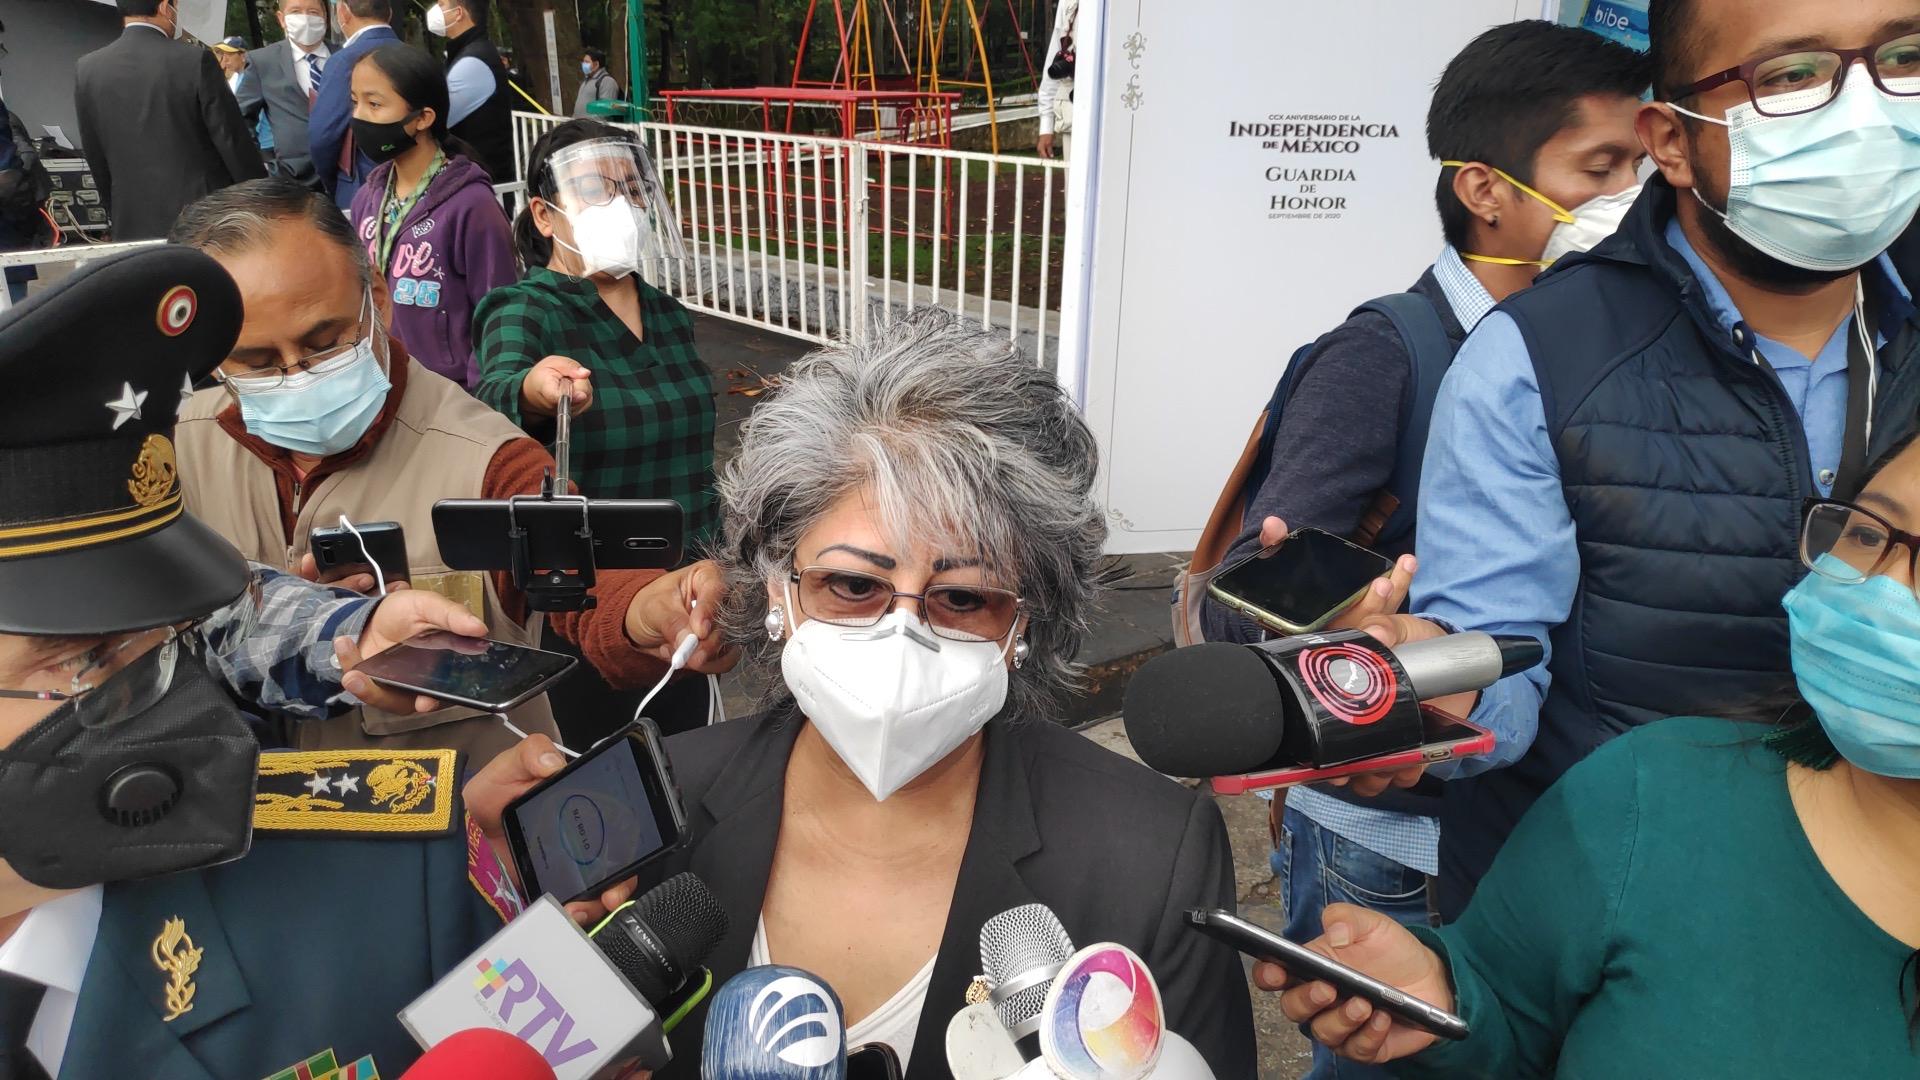 Afirma presidenta de TSJ que no consta que prometió defender autonomía del Poder Judicial